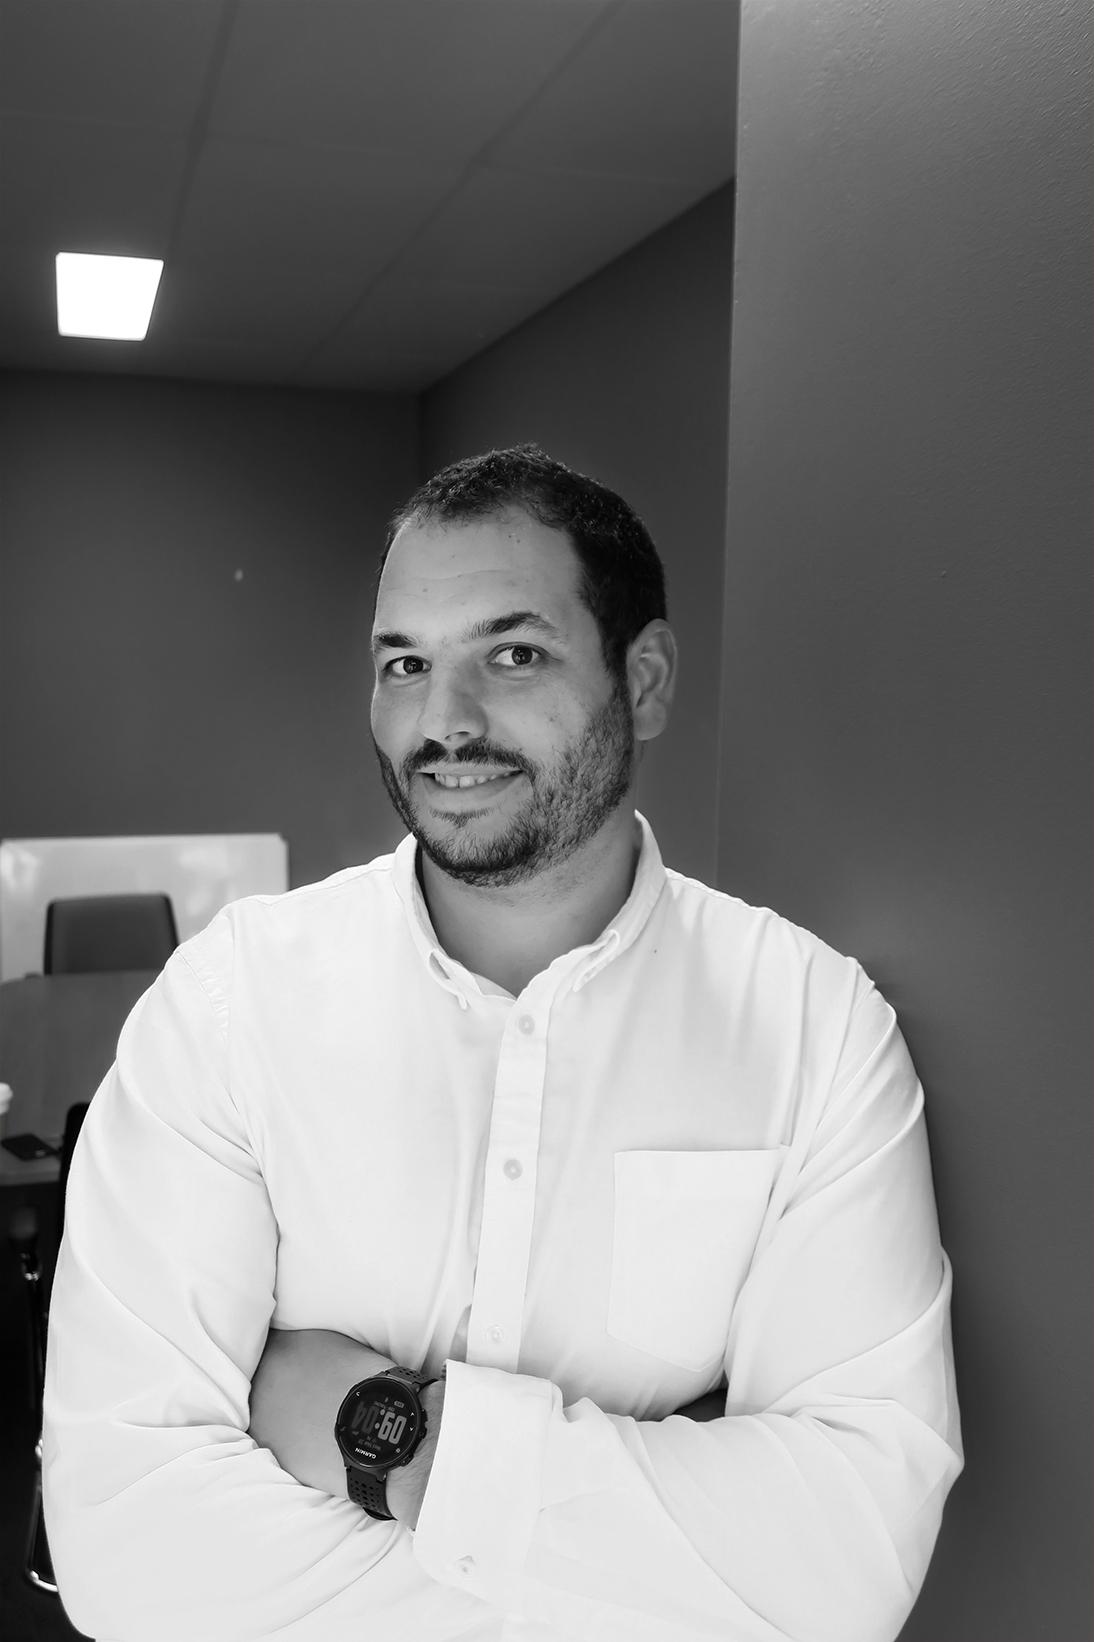 Portrait of PATRICK HERNANDEZ